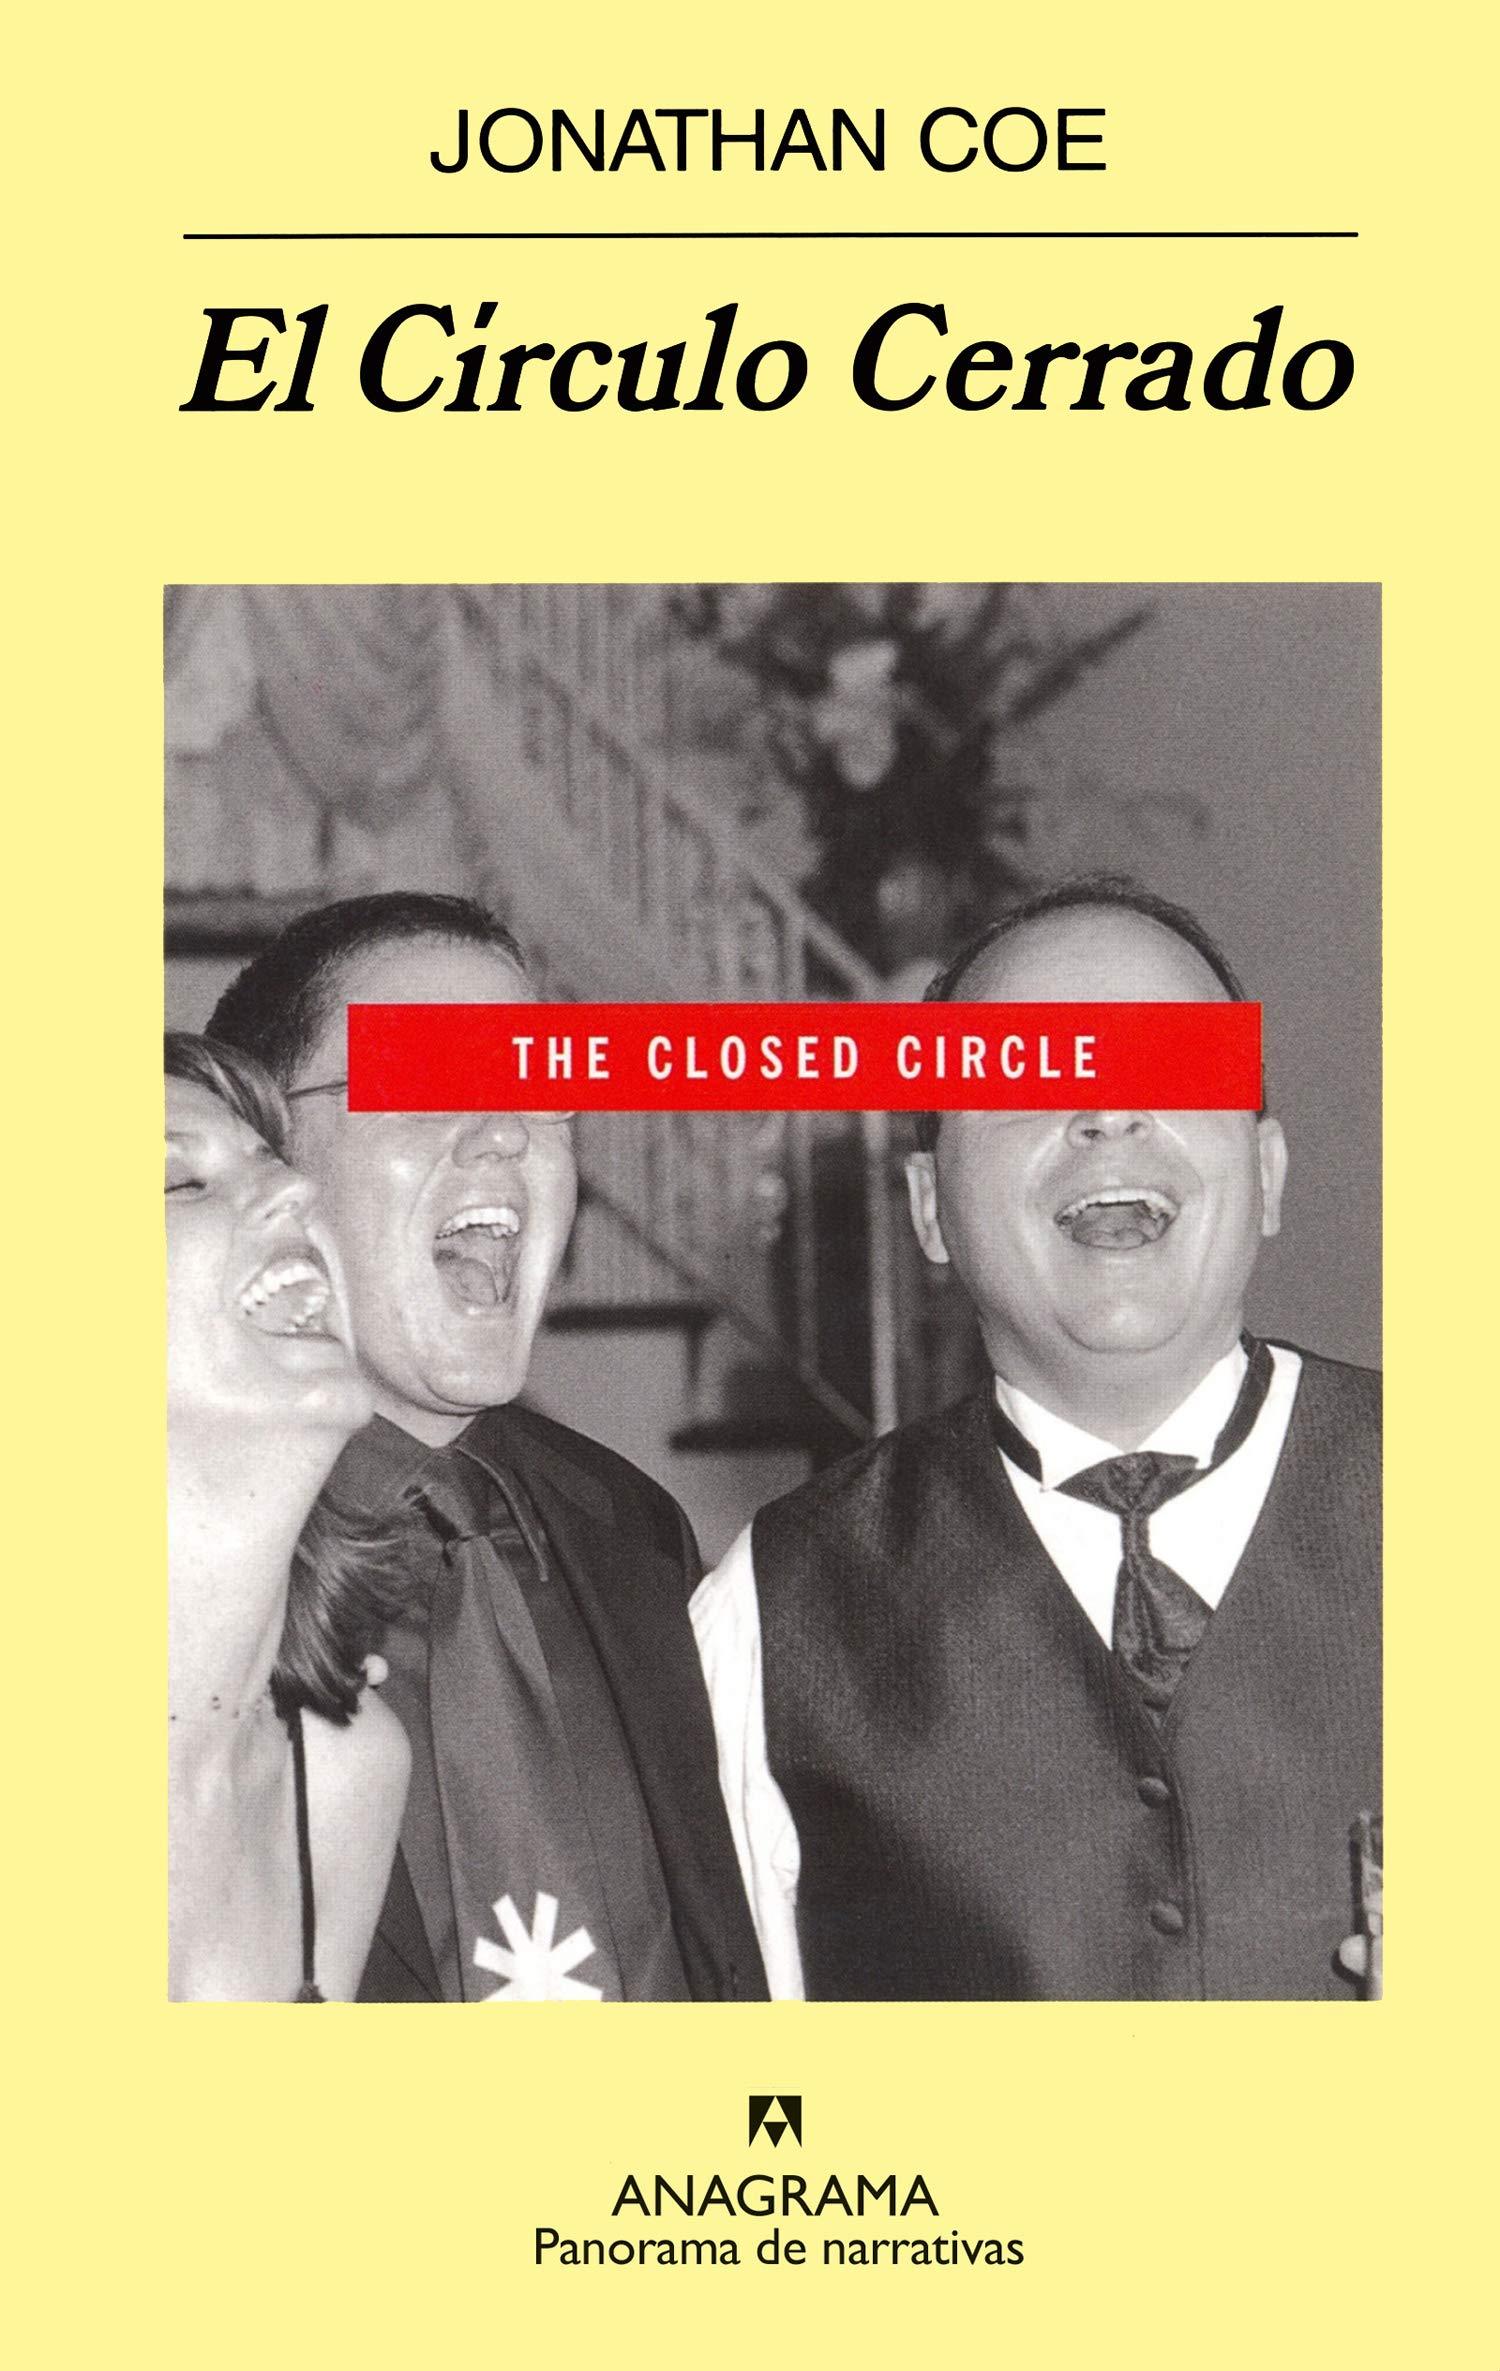 El Círculo Cerrado (Panorama de narrativas): Amazon.es: Coe, Jonathan, Javier Lacruz: Libros